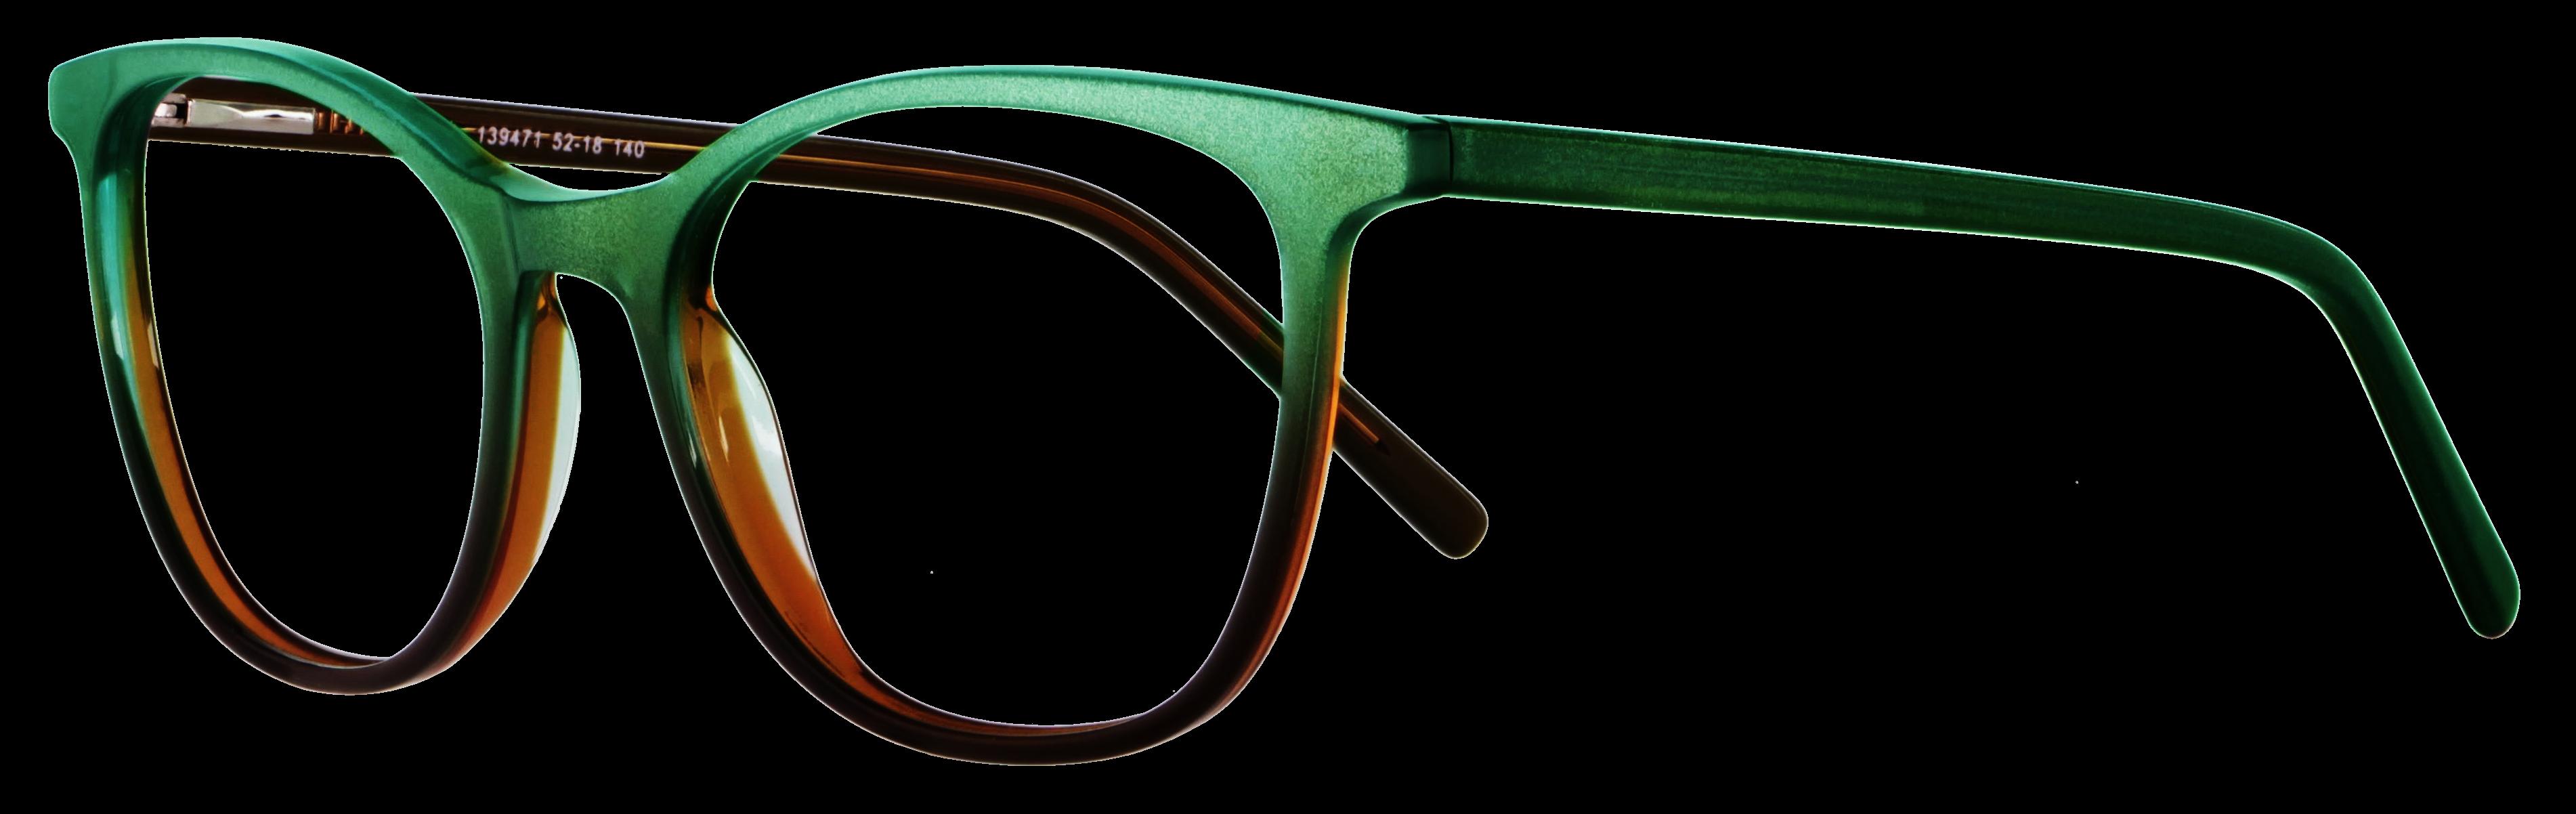 abele optik Brille 139471